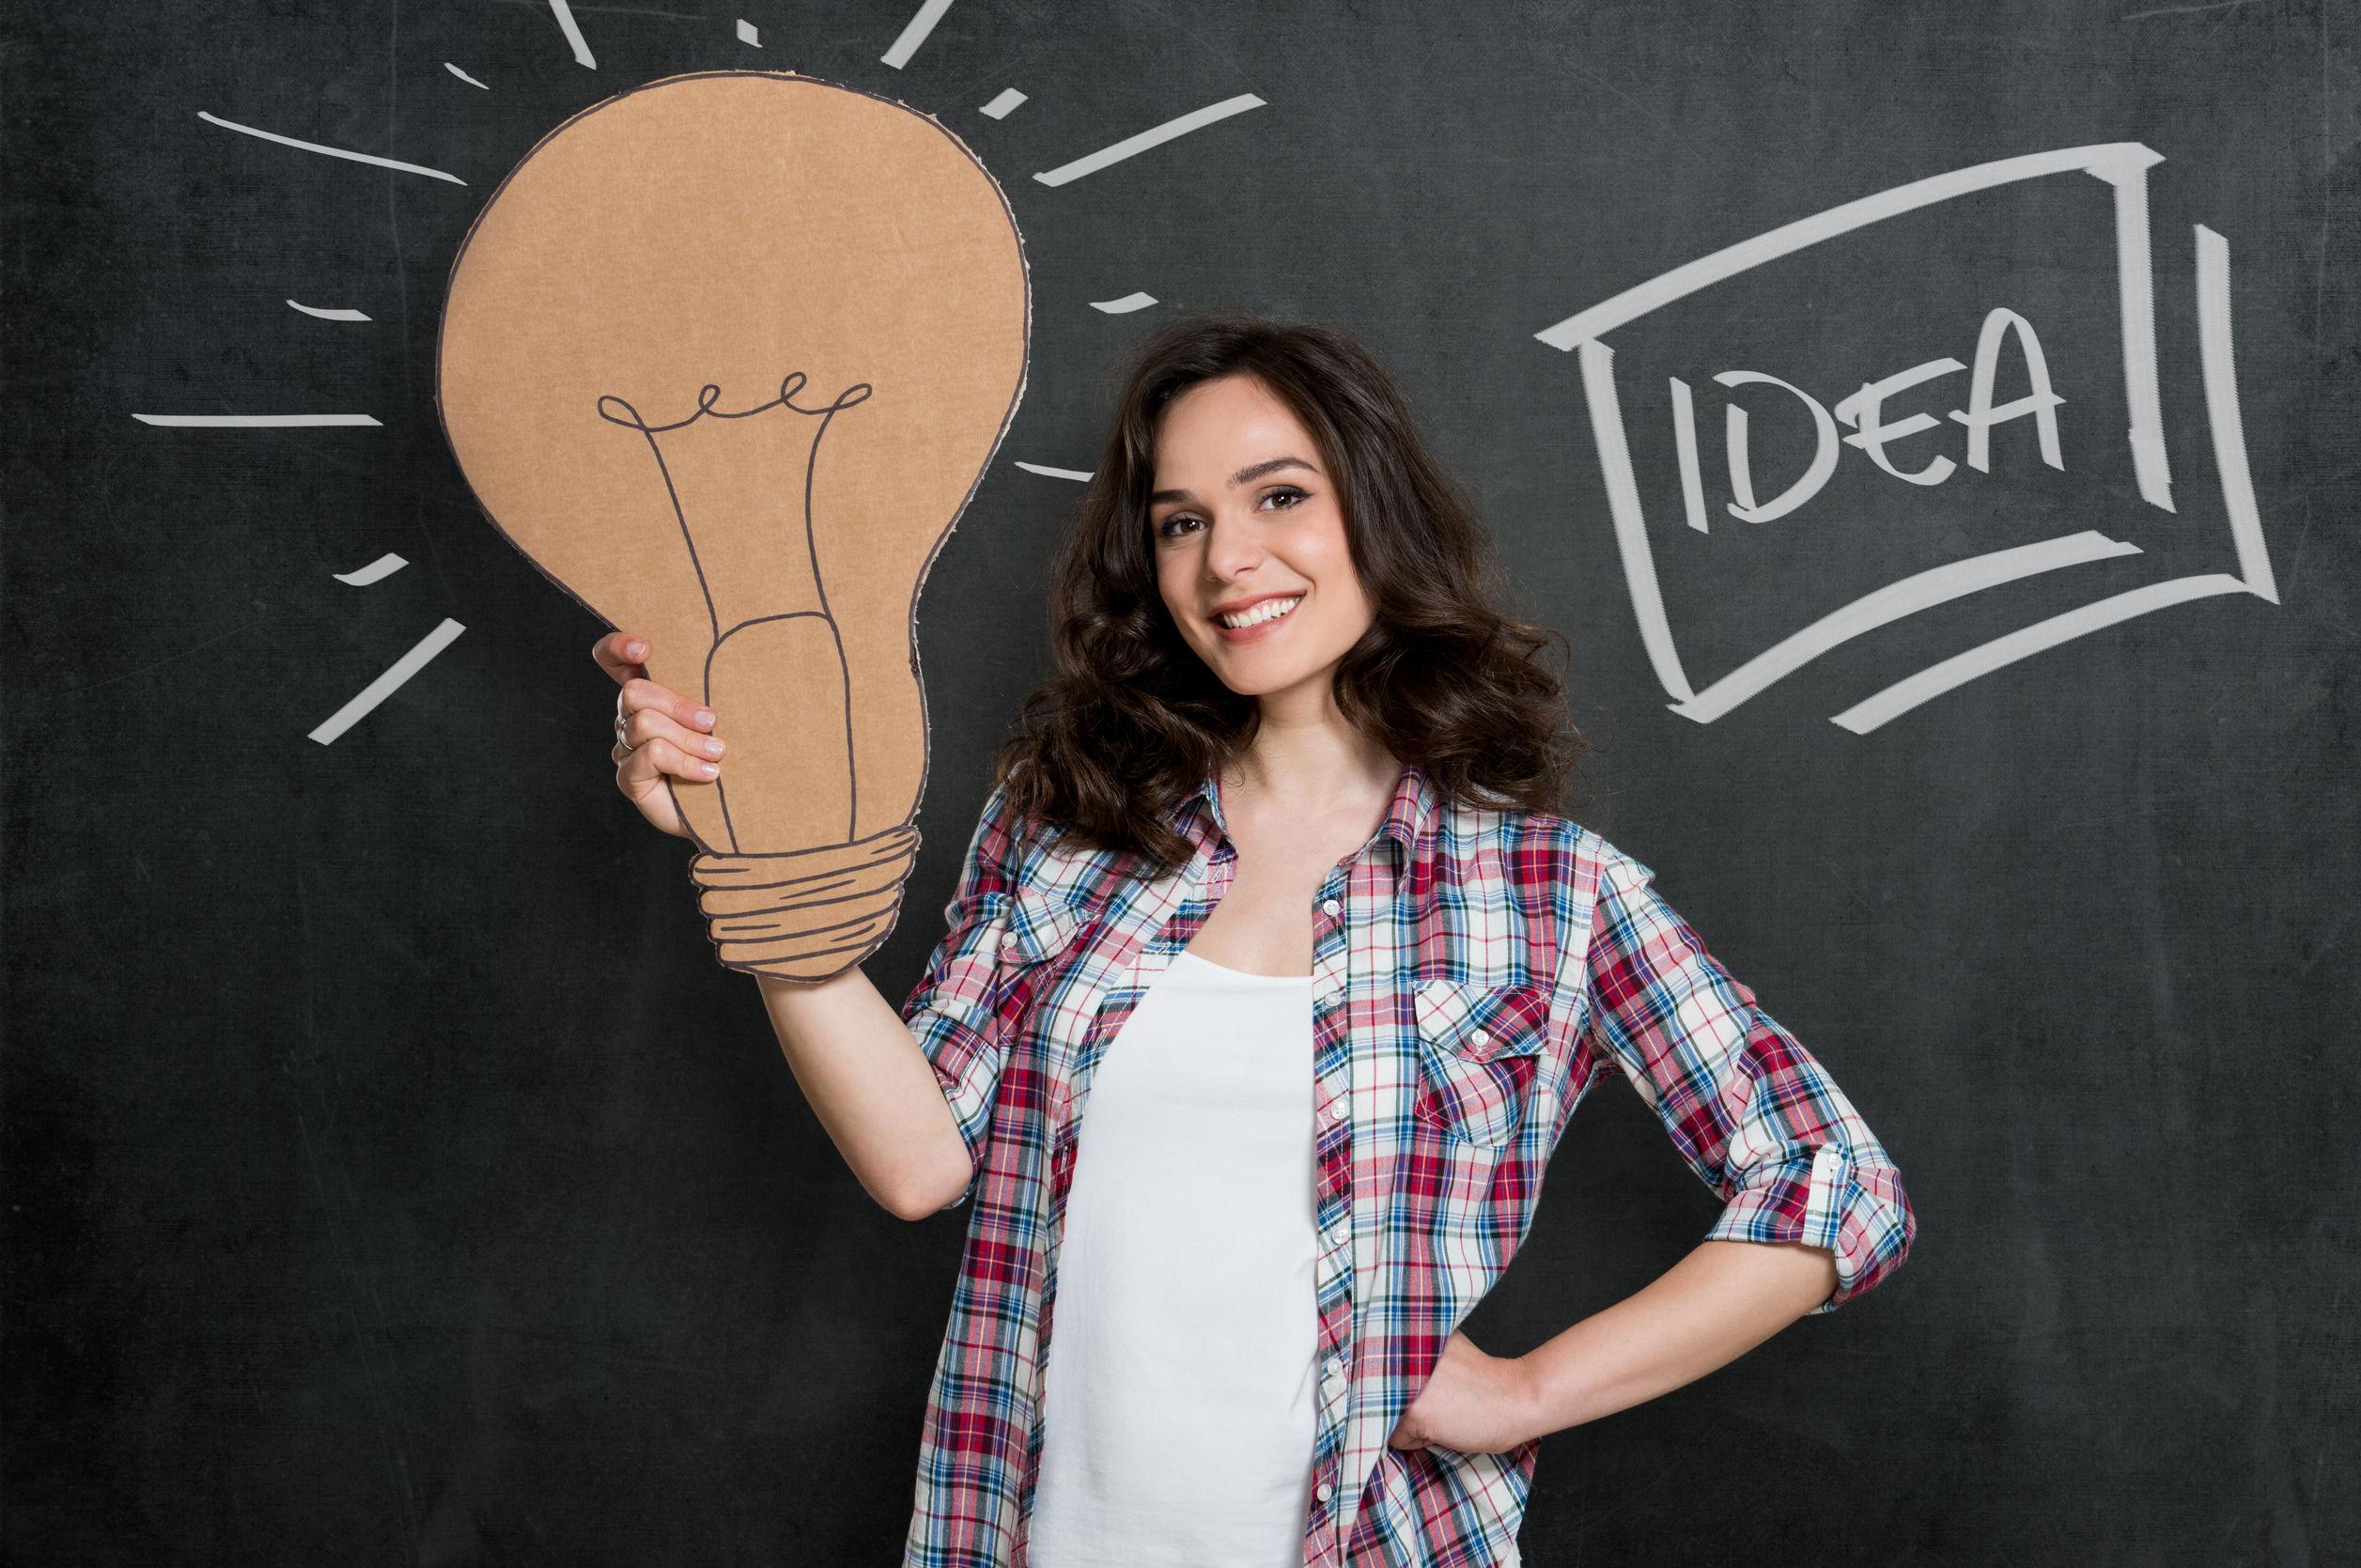 entrepreneur ideas for women